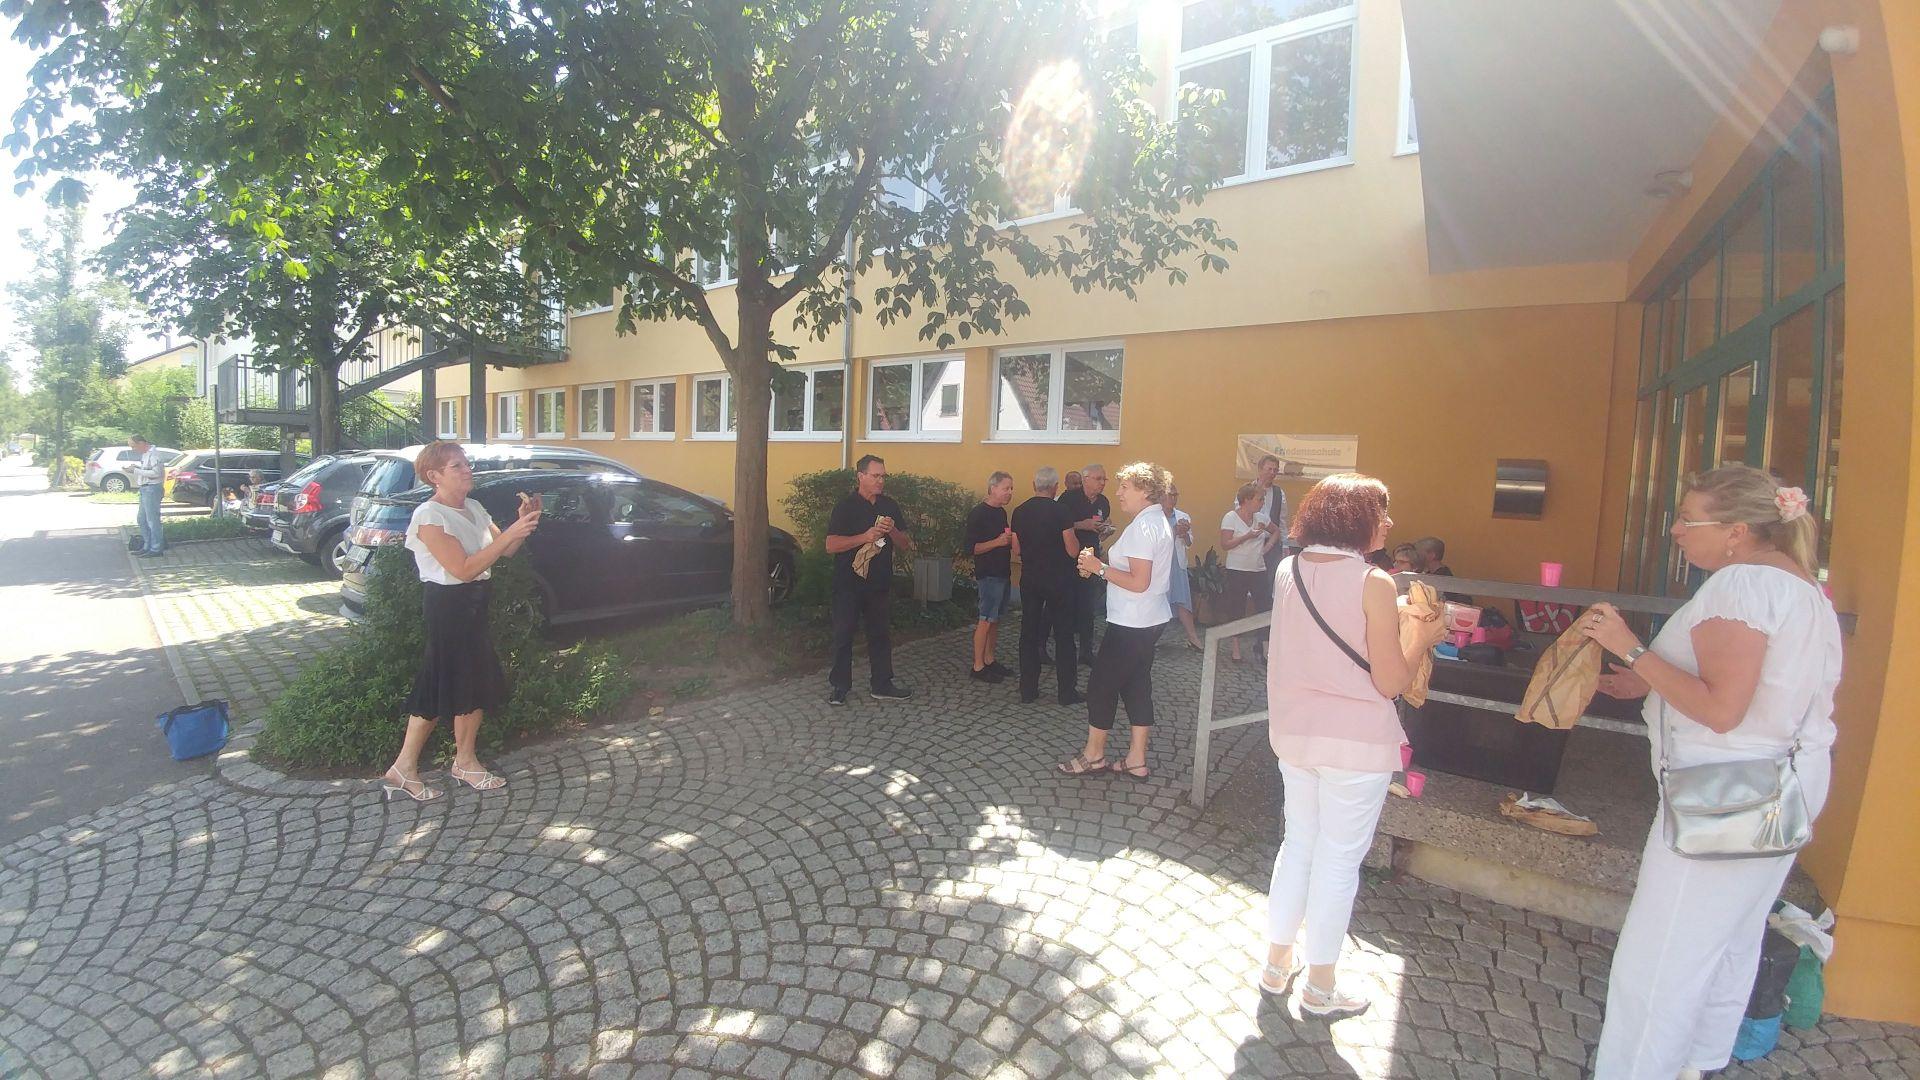 Pleidelsheim_20180616_125232